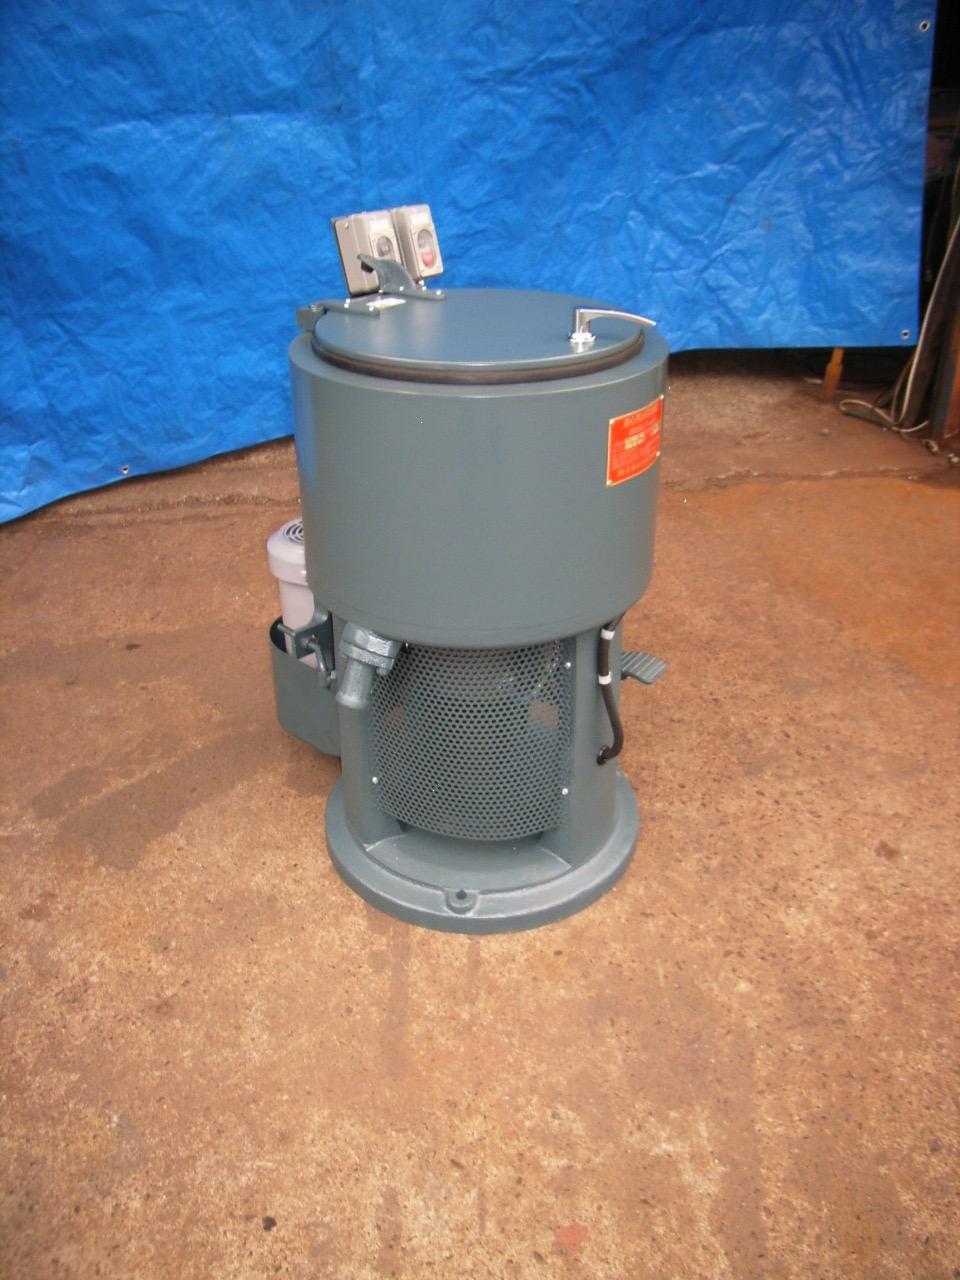 遠心分離乾燥機 ボス型 HB-30型 容量9.5L